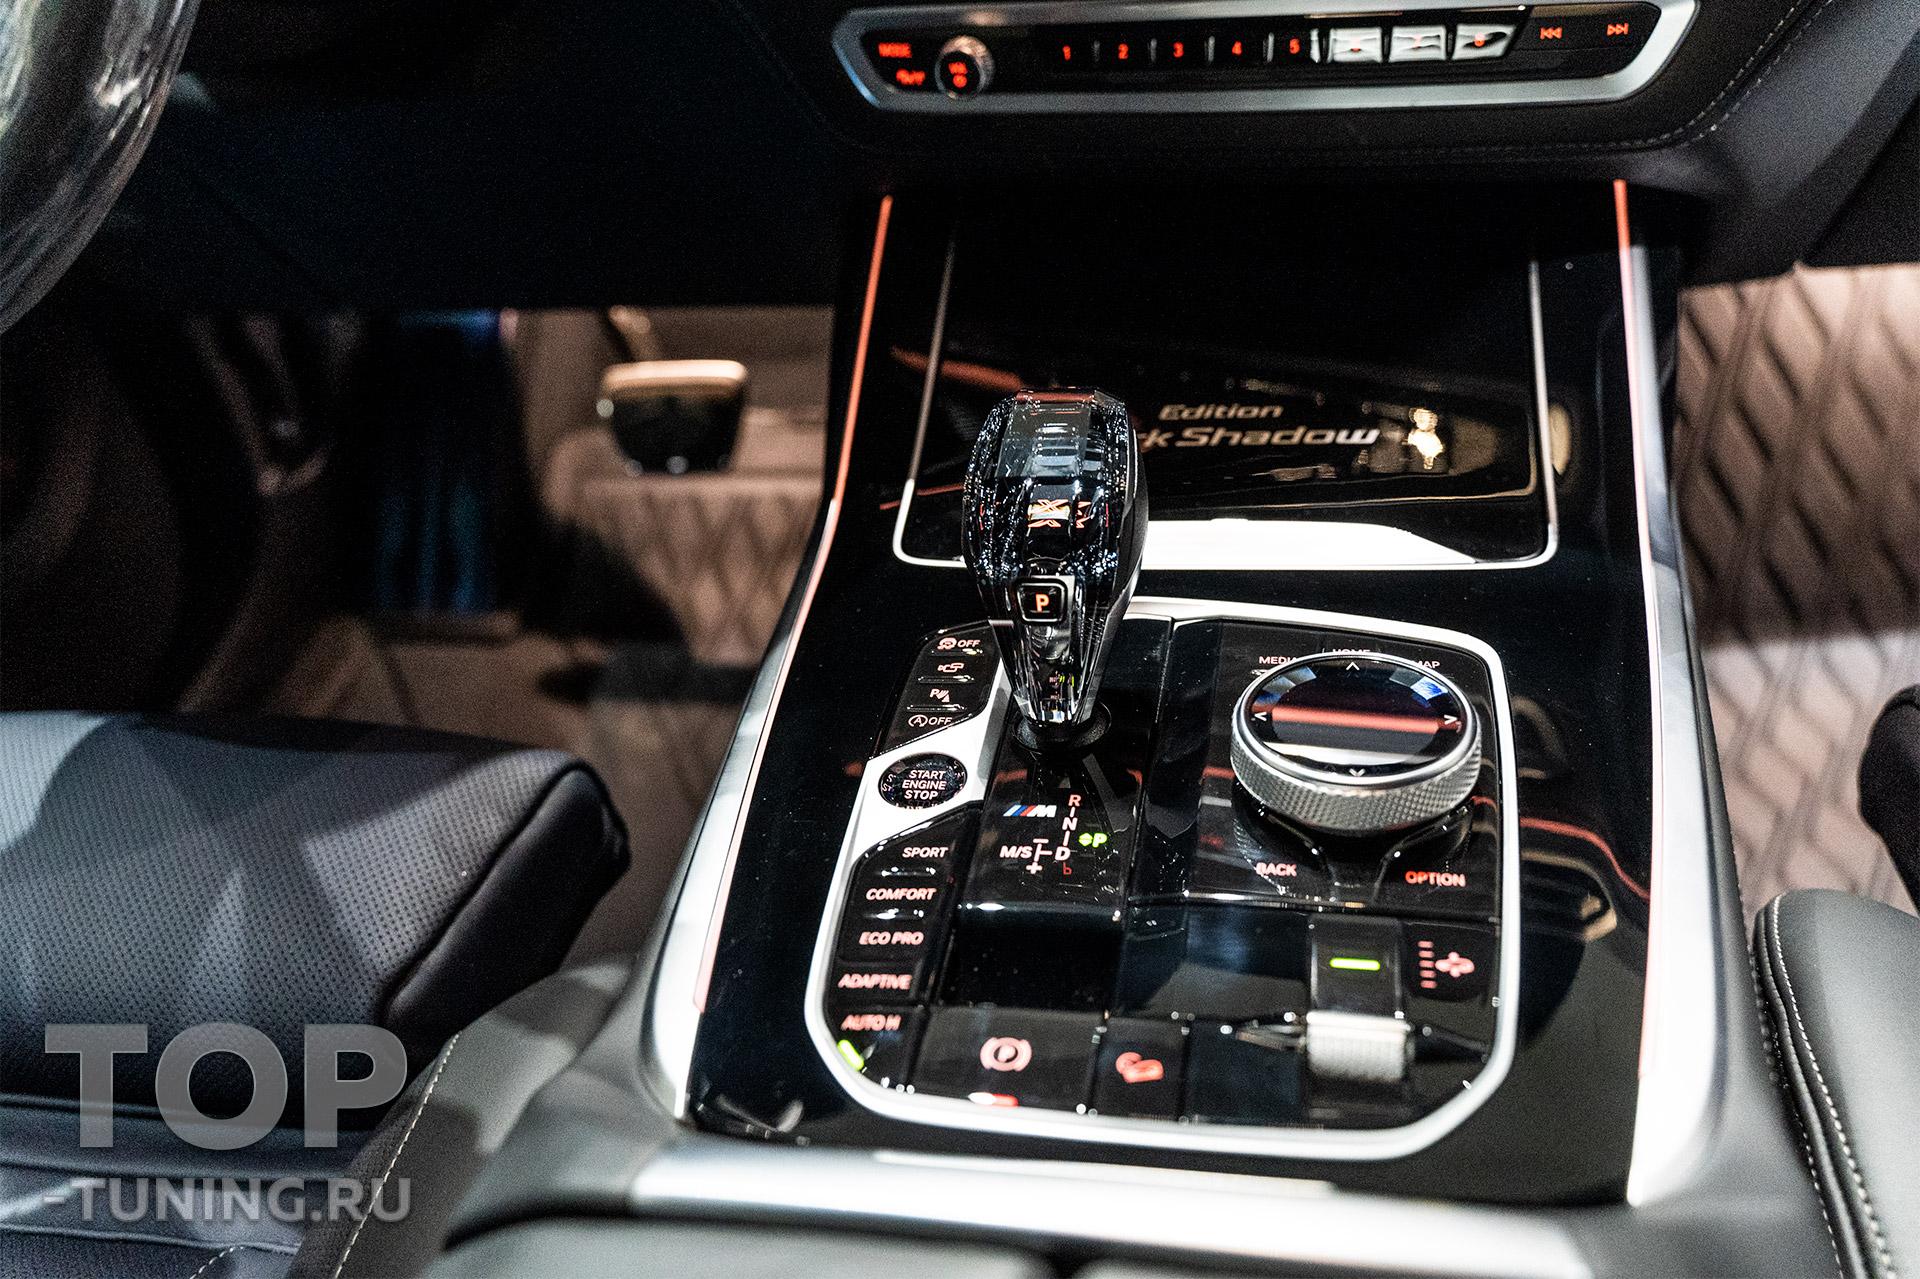 Консоль iDrive - Стеклянная ручка, шайба, кнопка Старт-Стоп